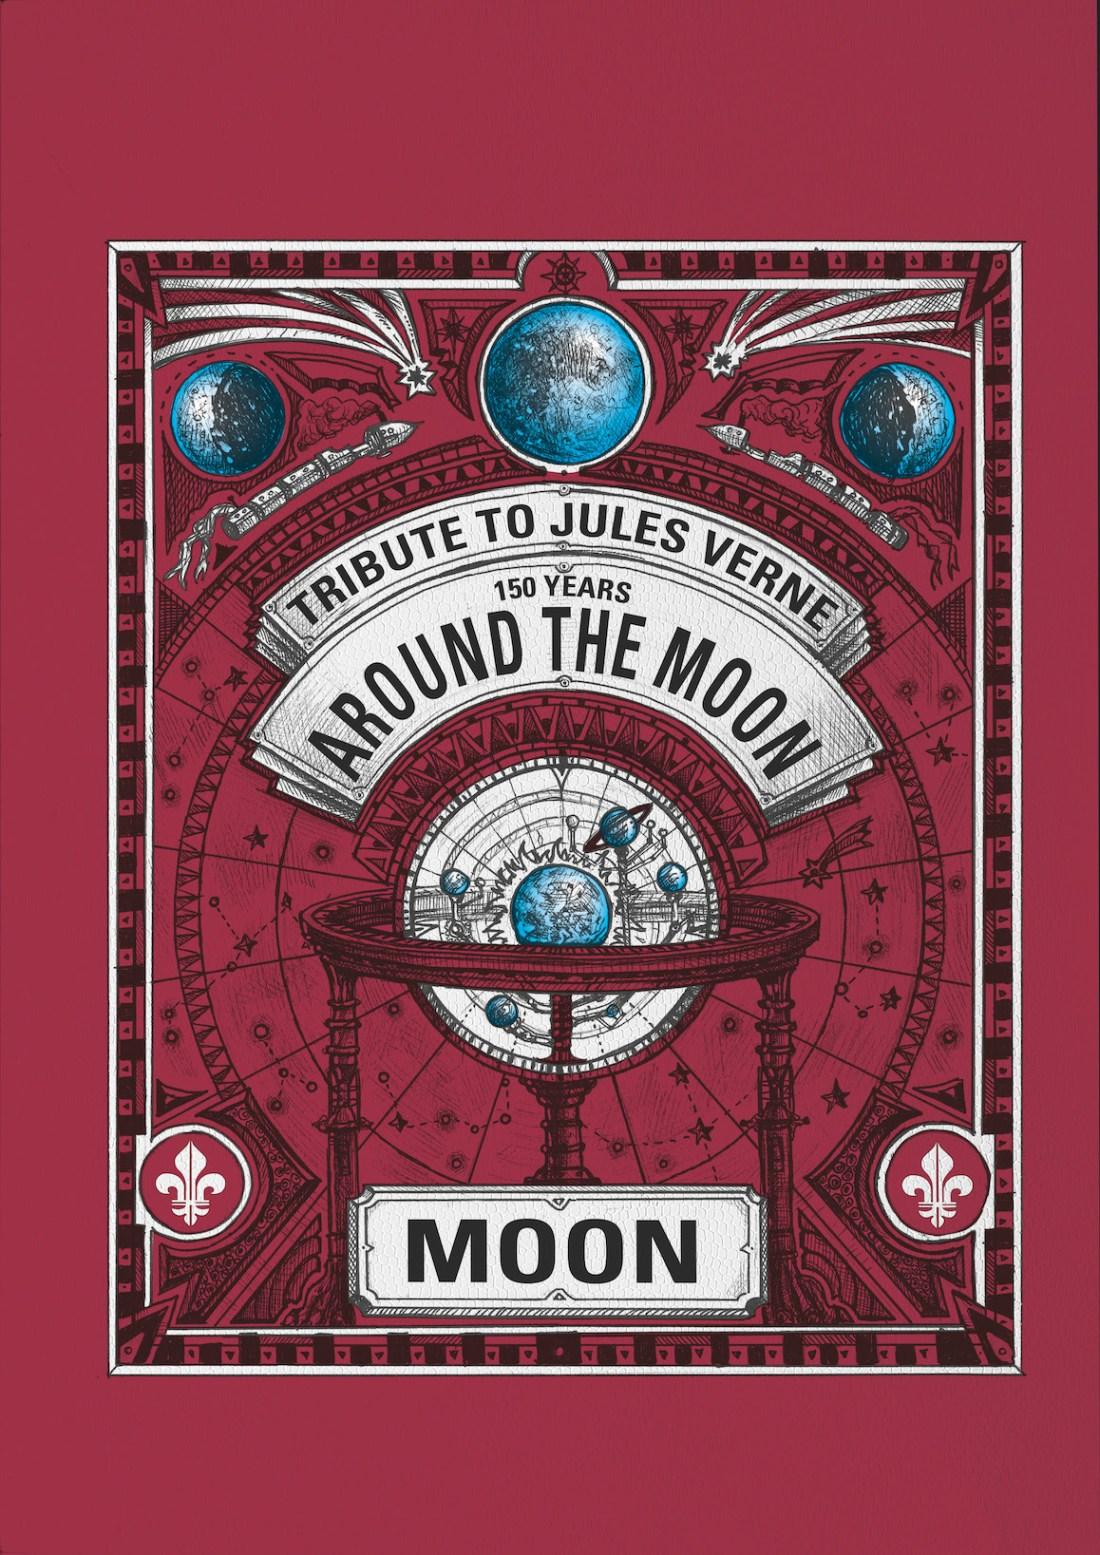 Cartel en color rojo con figuras de lunas y la palabra moon